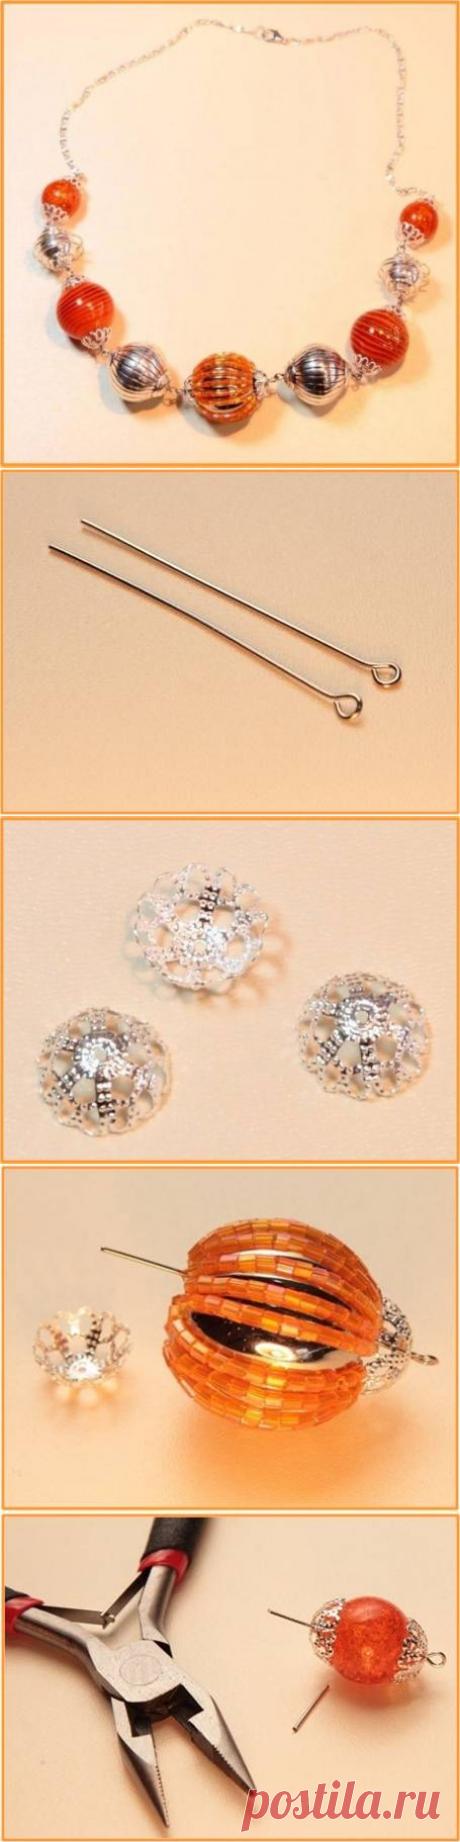 Как сделать ожерелье в оранжево-серебристых тонах.